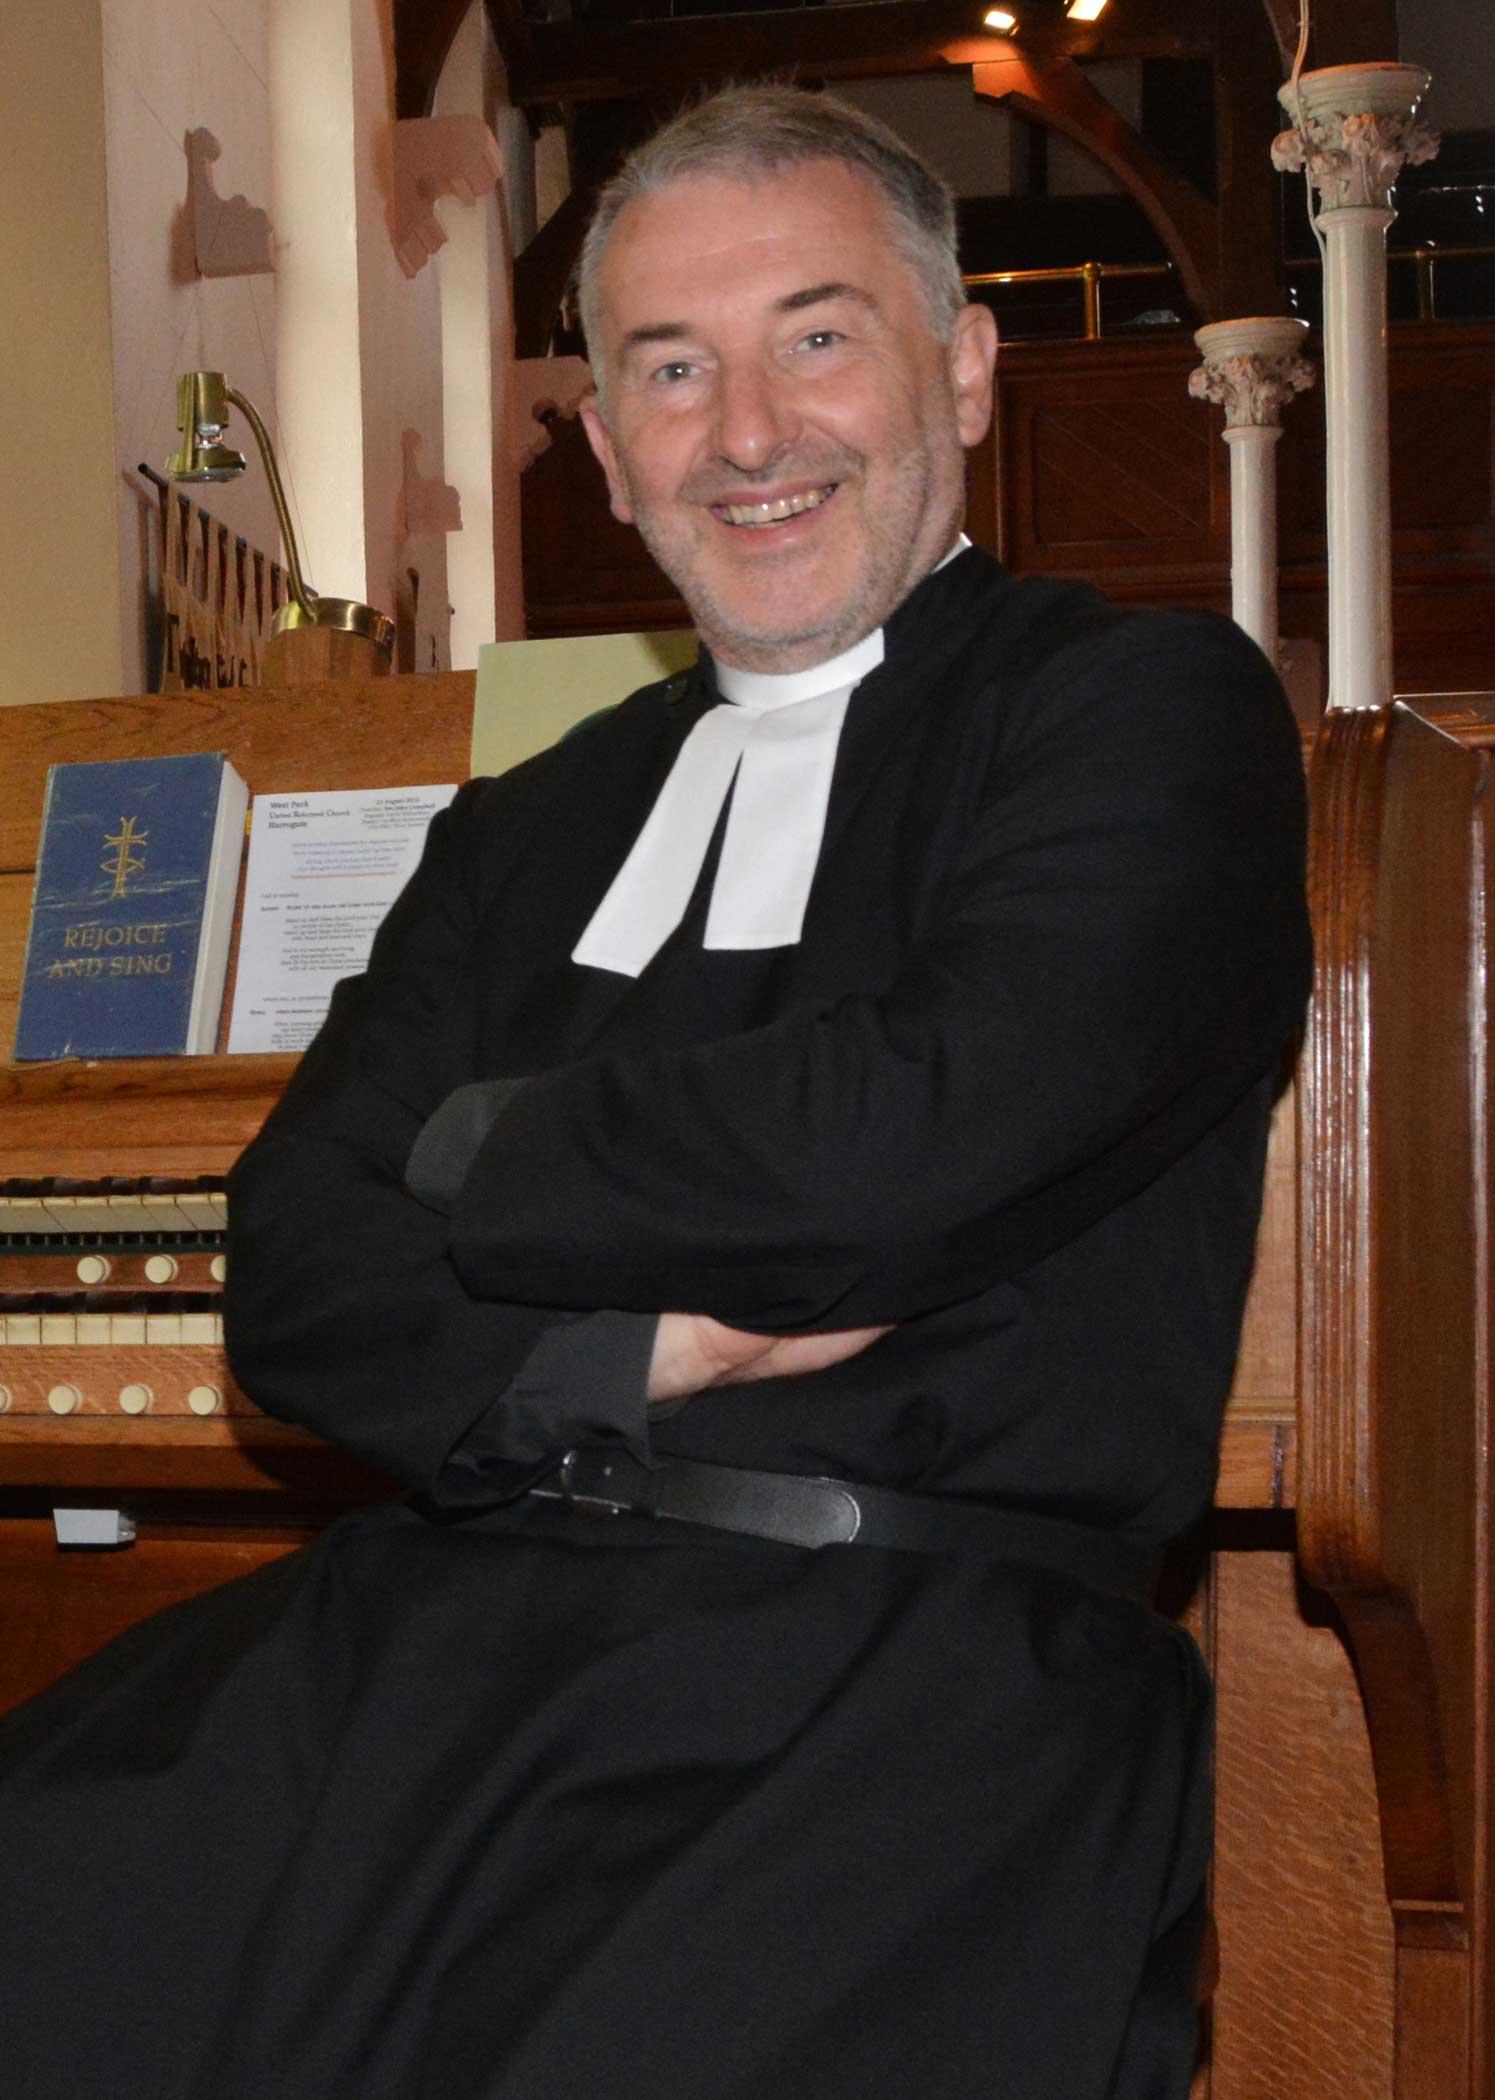 The Reverend John Campbell